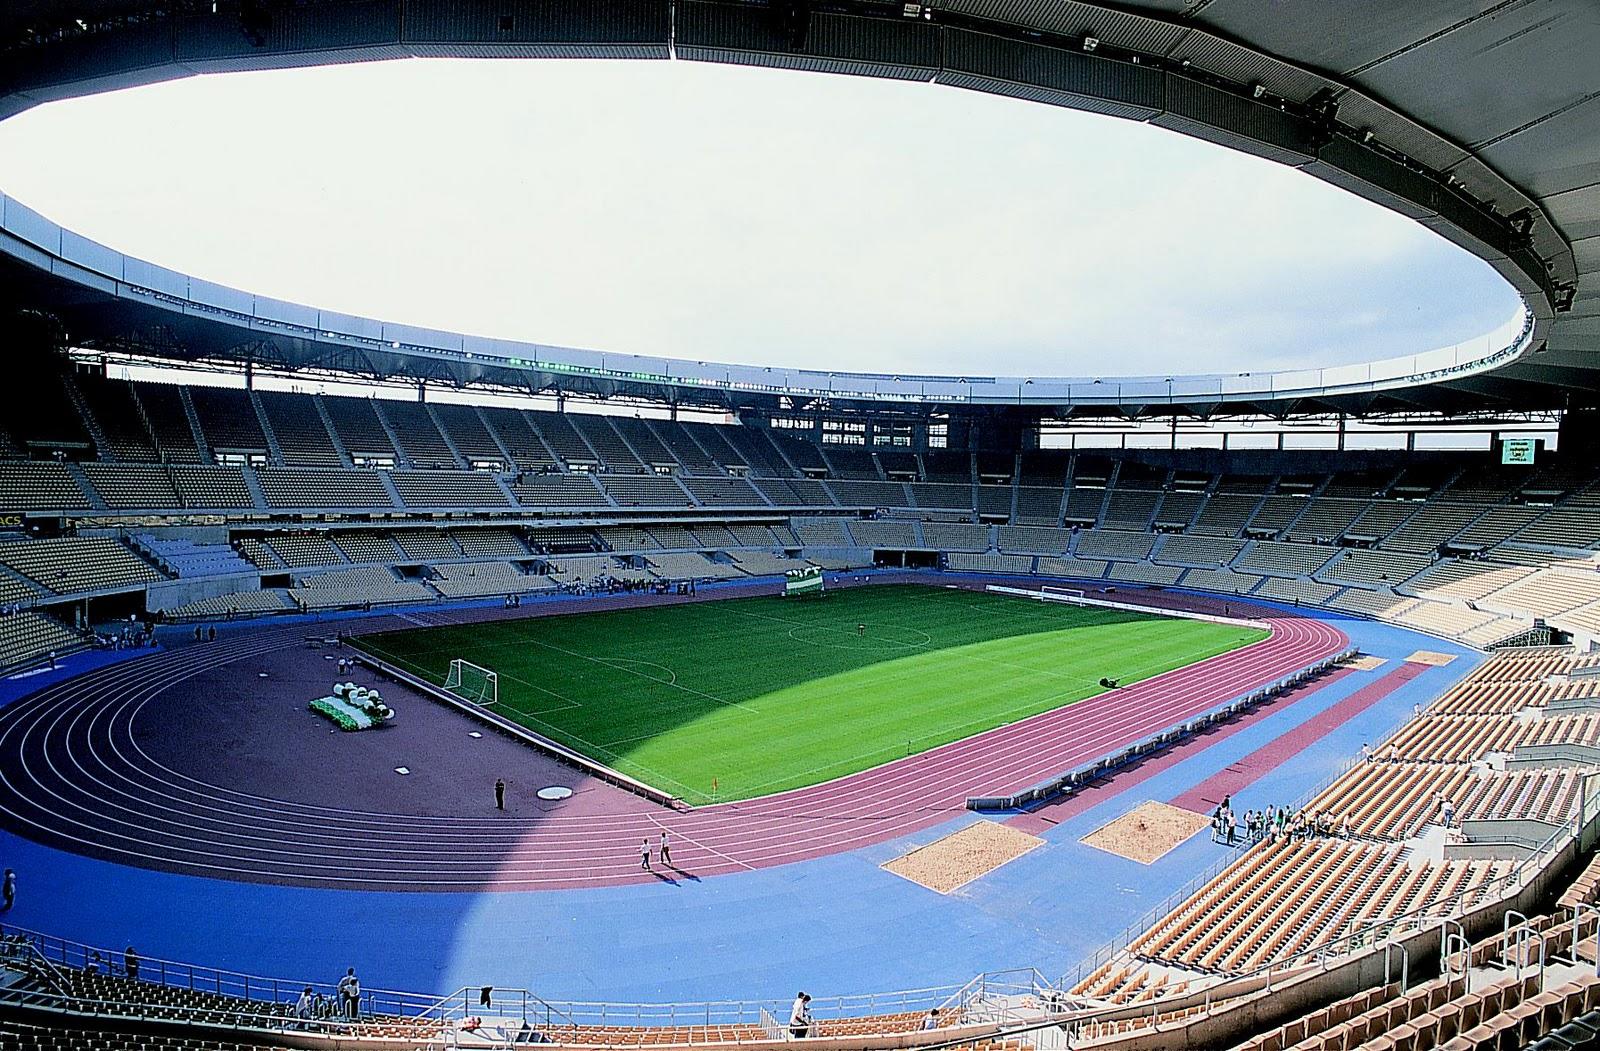 Los duelos se registrarán en bratislava, una superficie dura, y los duelos serán. Estadio de la Cartuja de Sevilla - JetLag